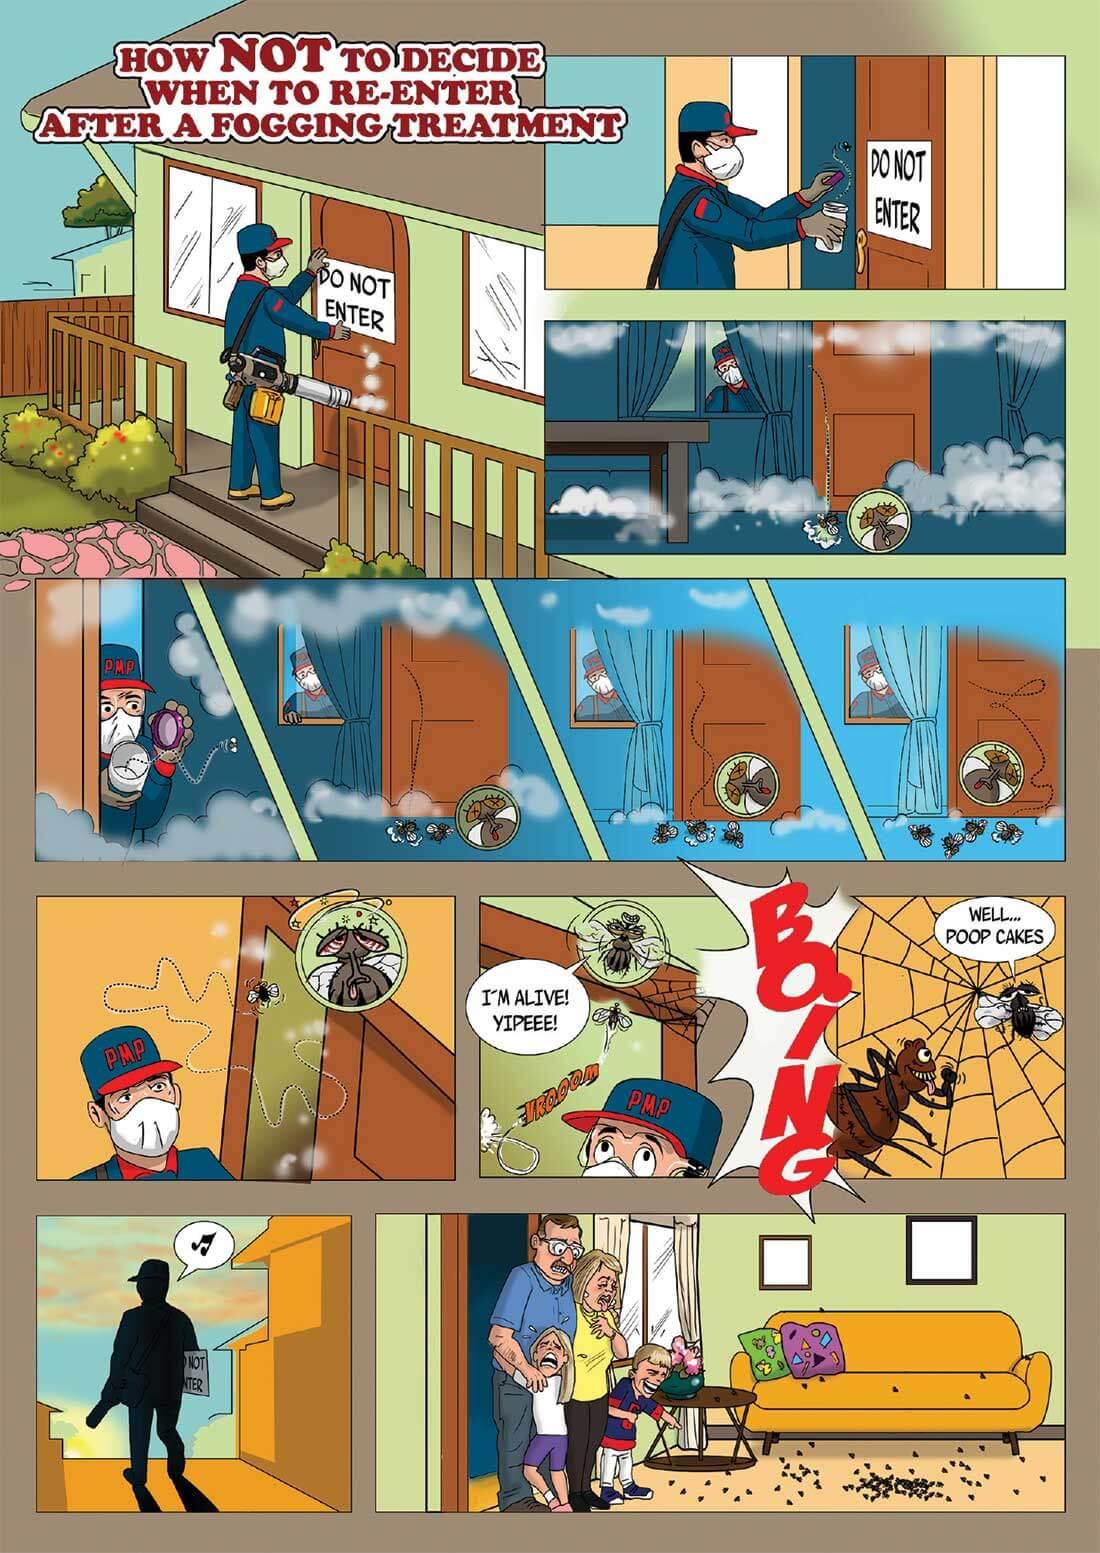 Enter After Fogging Cartoon